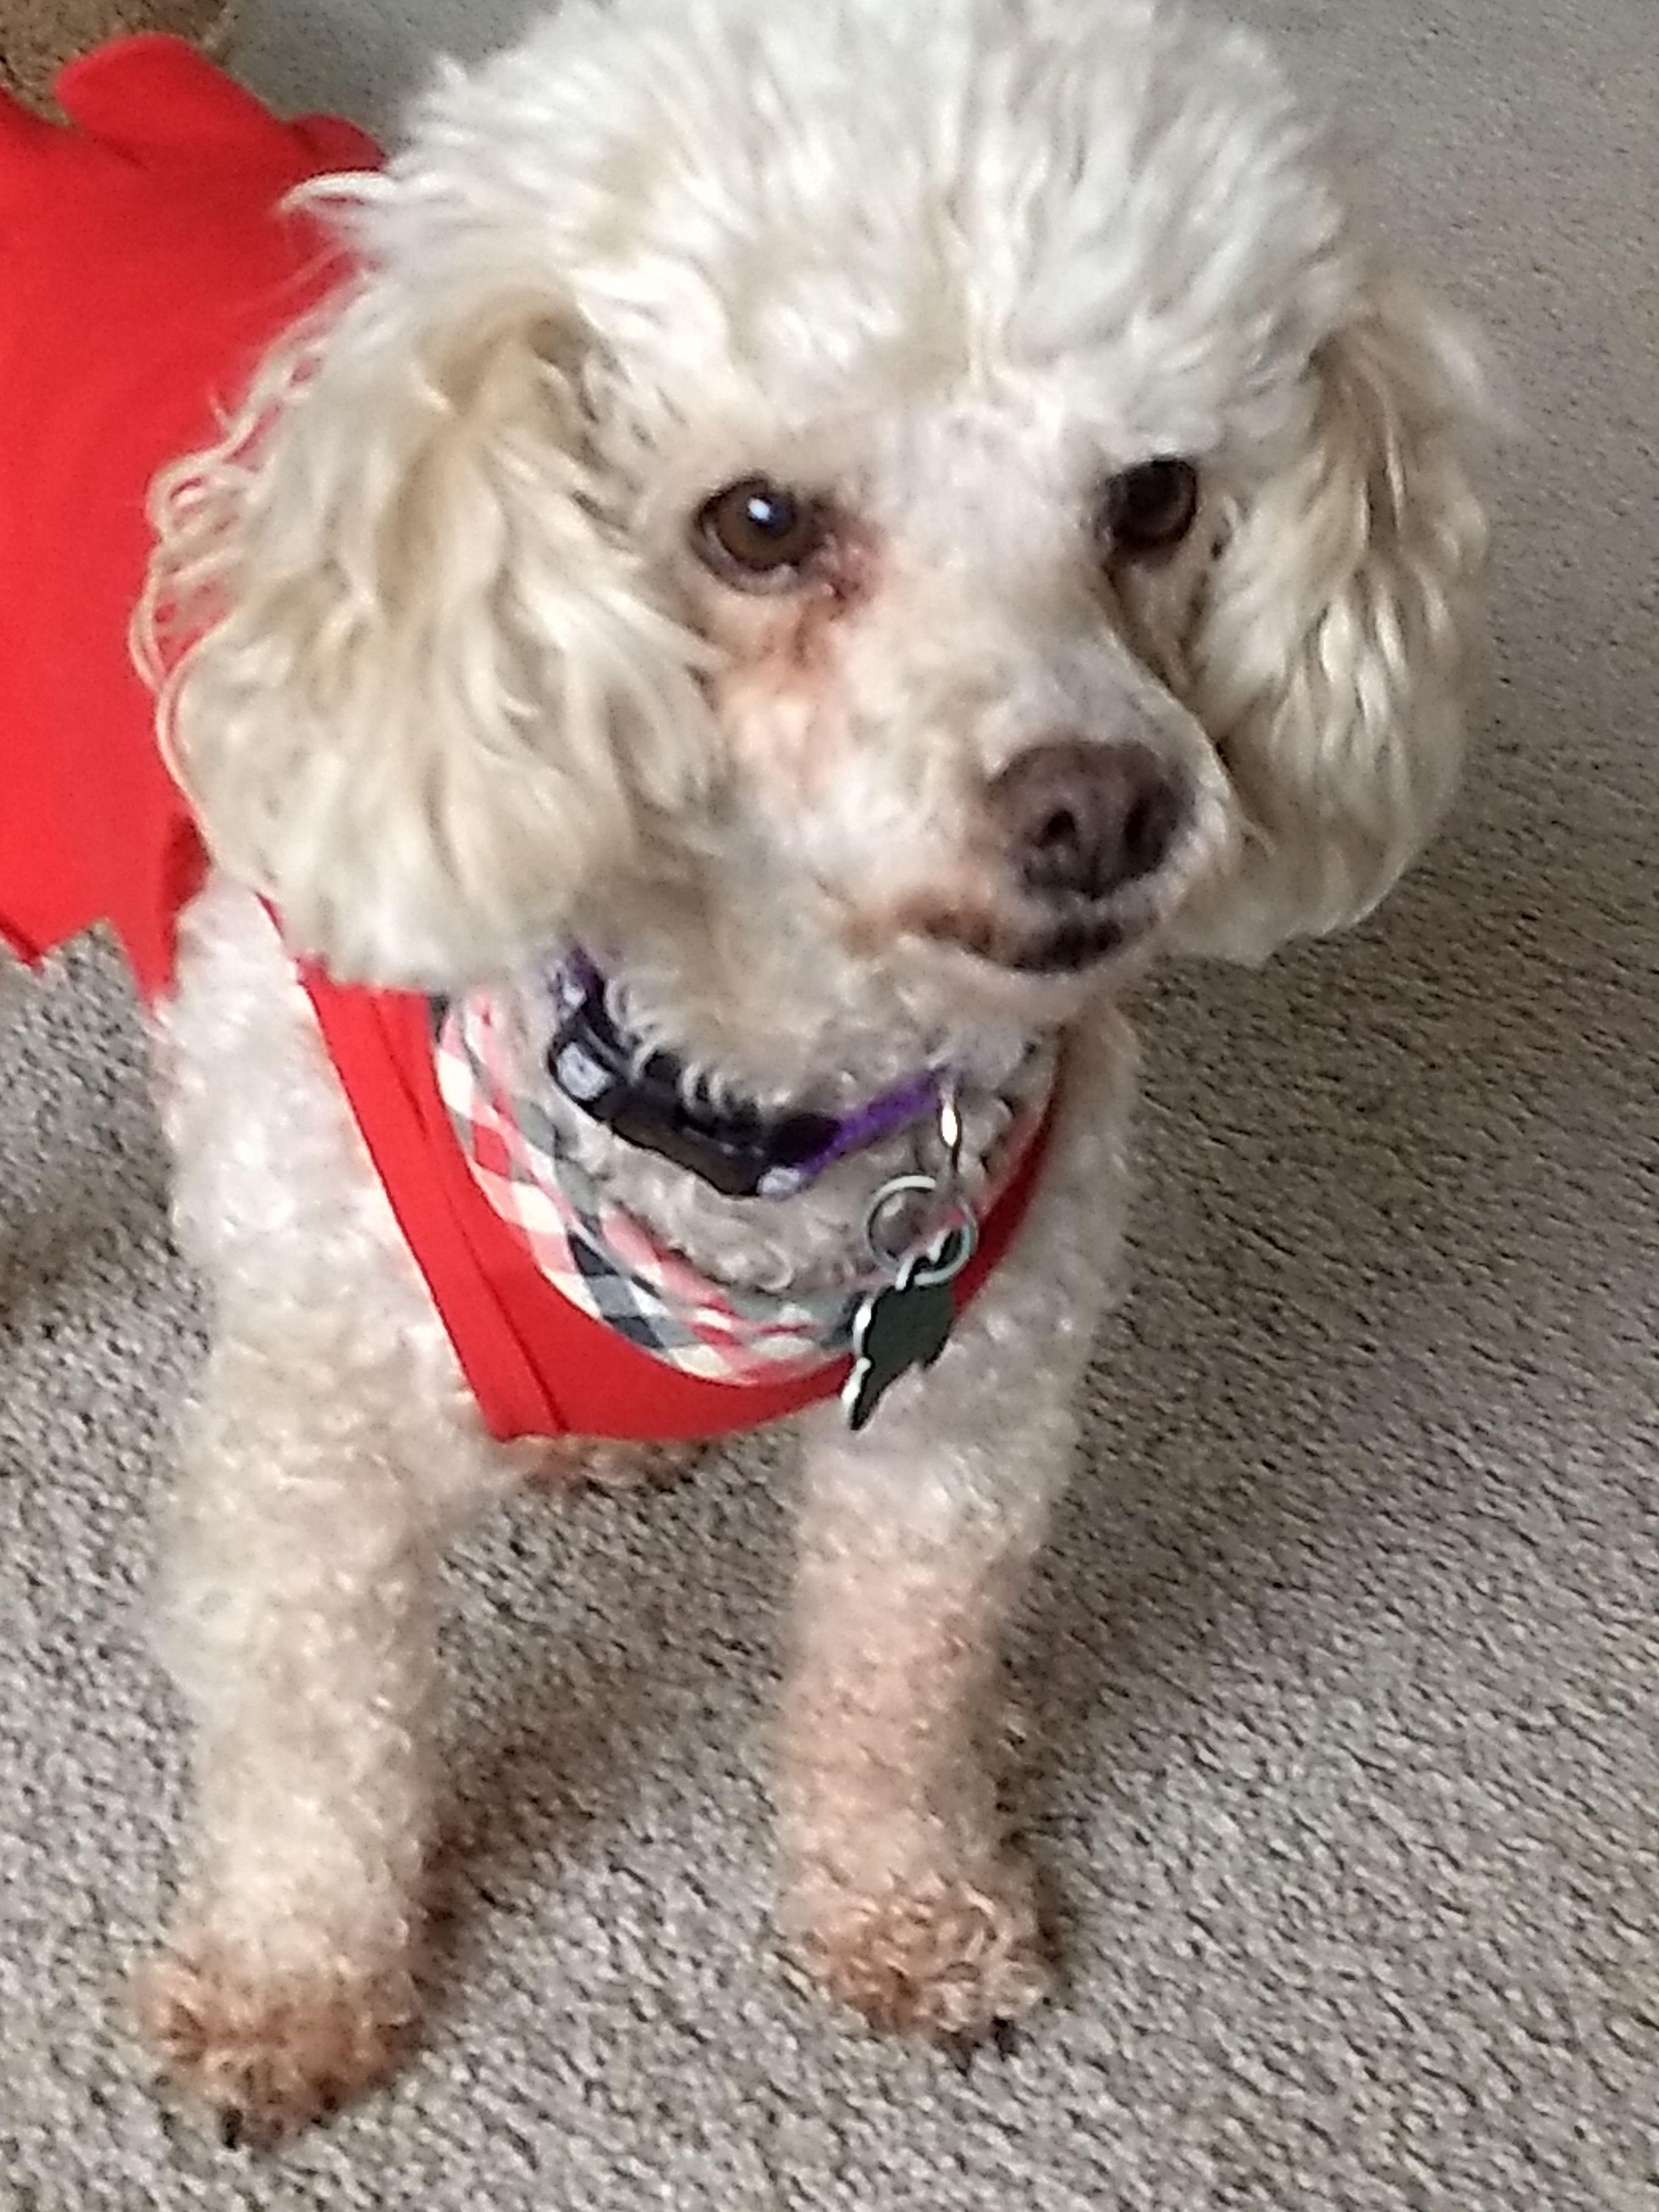 Poodle (Miniature) dog for Adoption in Cedar Rapids, IA